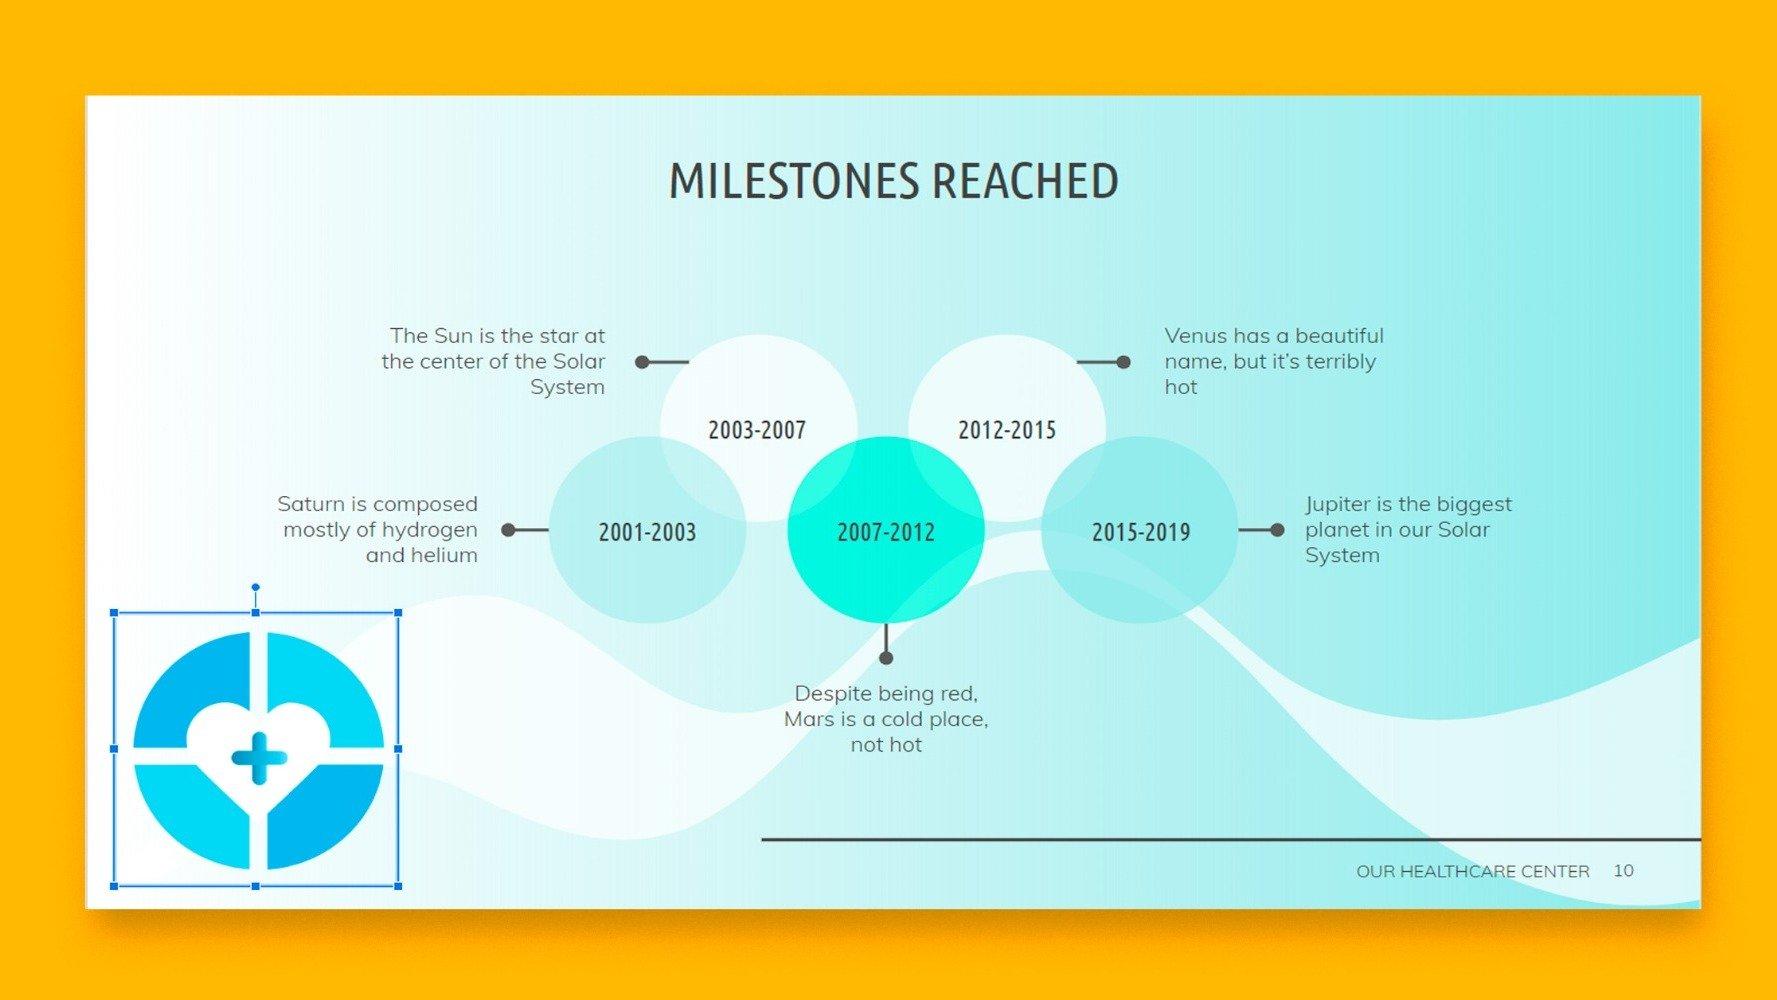 نحوه اضافه کردن علامت در اسلایدهای Google |  نکات سریع و آموزش برای ارائه های خود